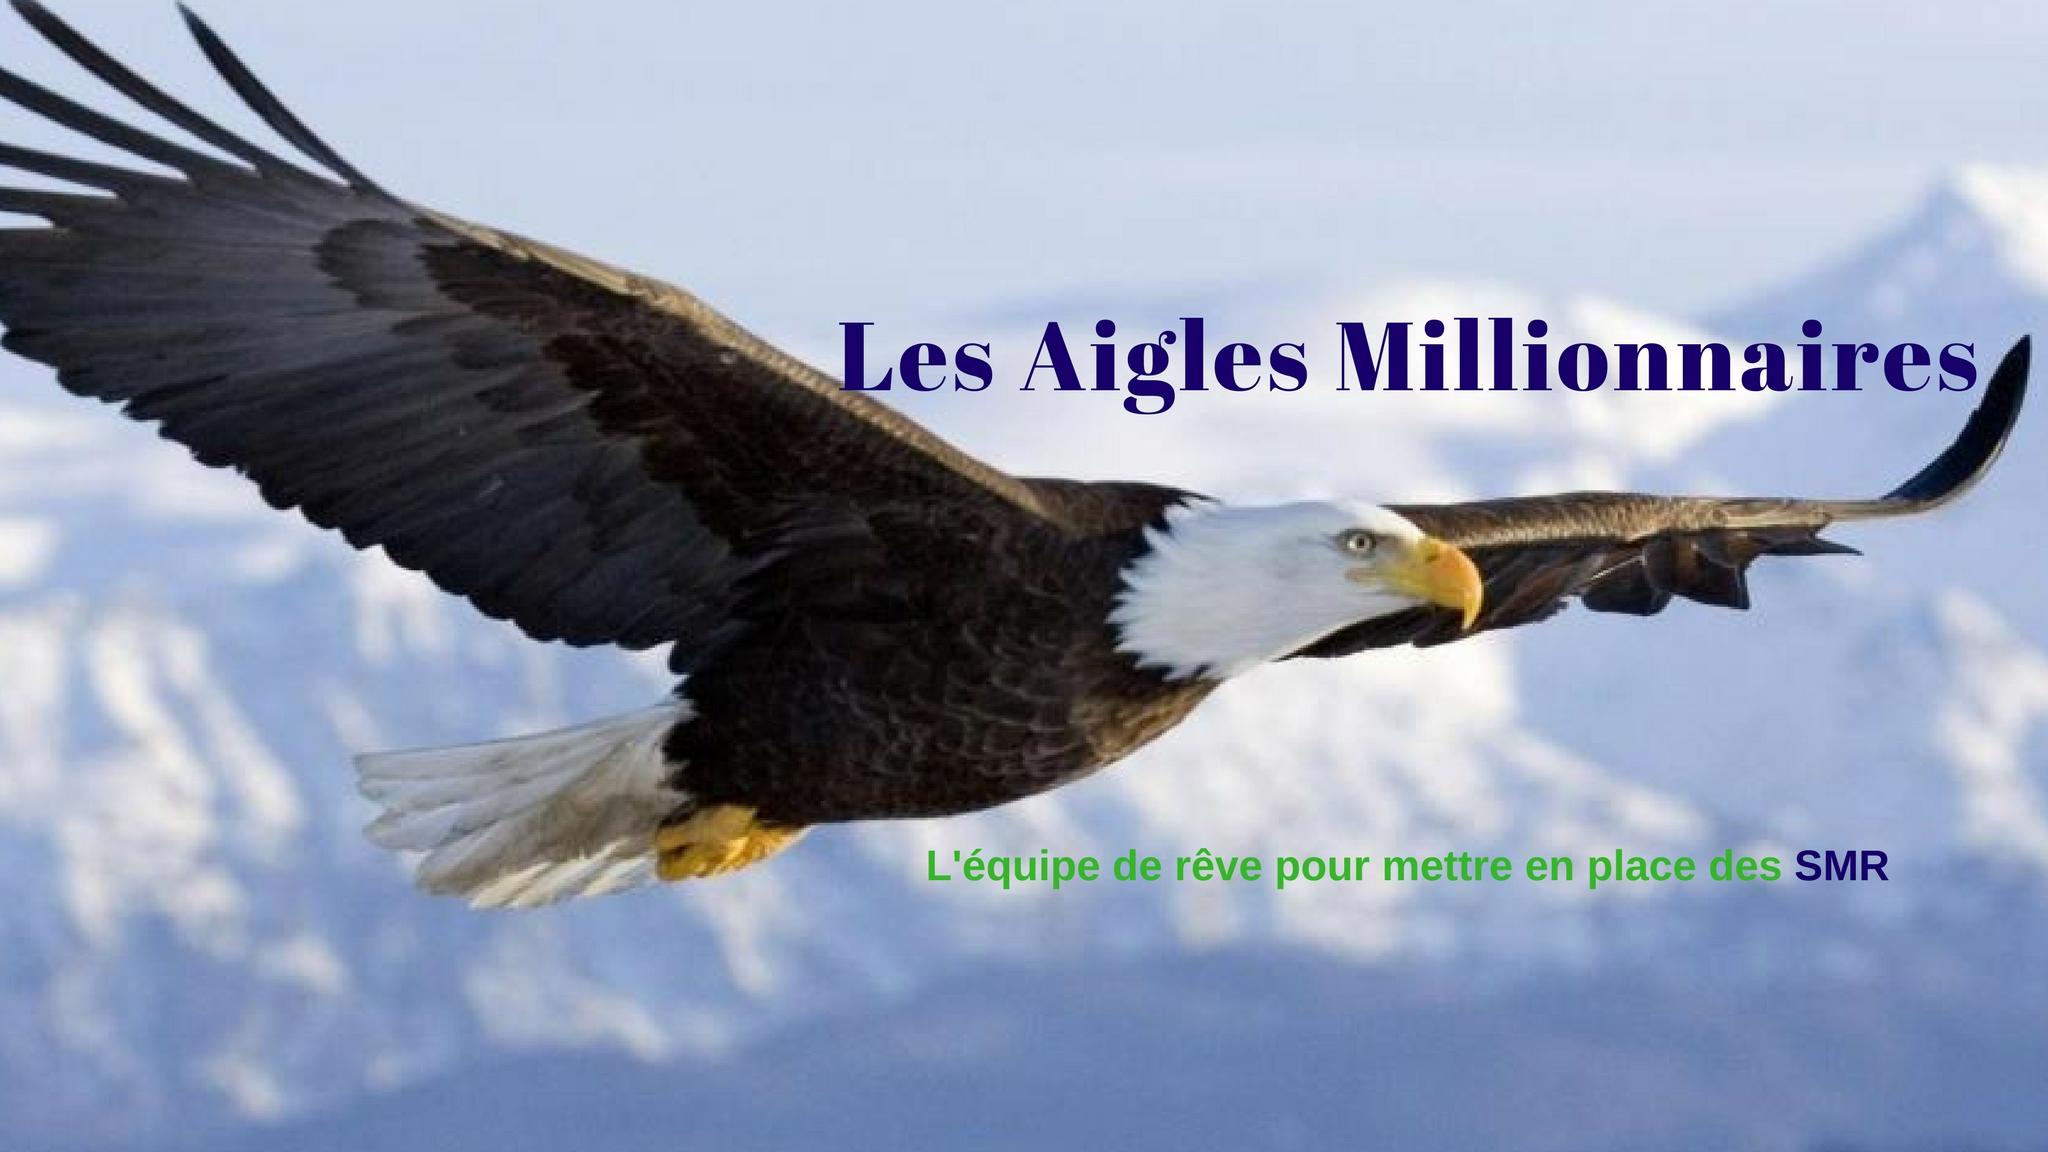 Aigles-Millionnaires-Jean-Marc-Fraiche